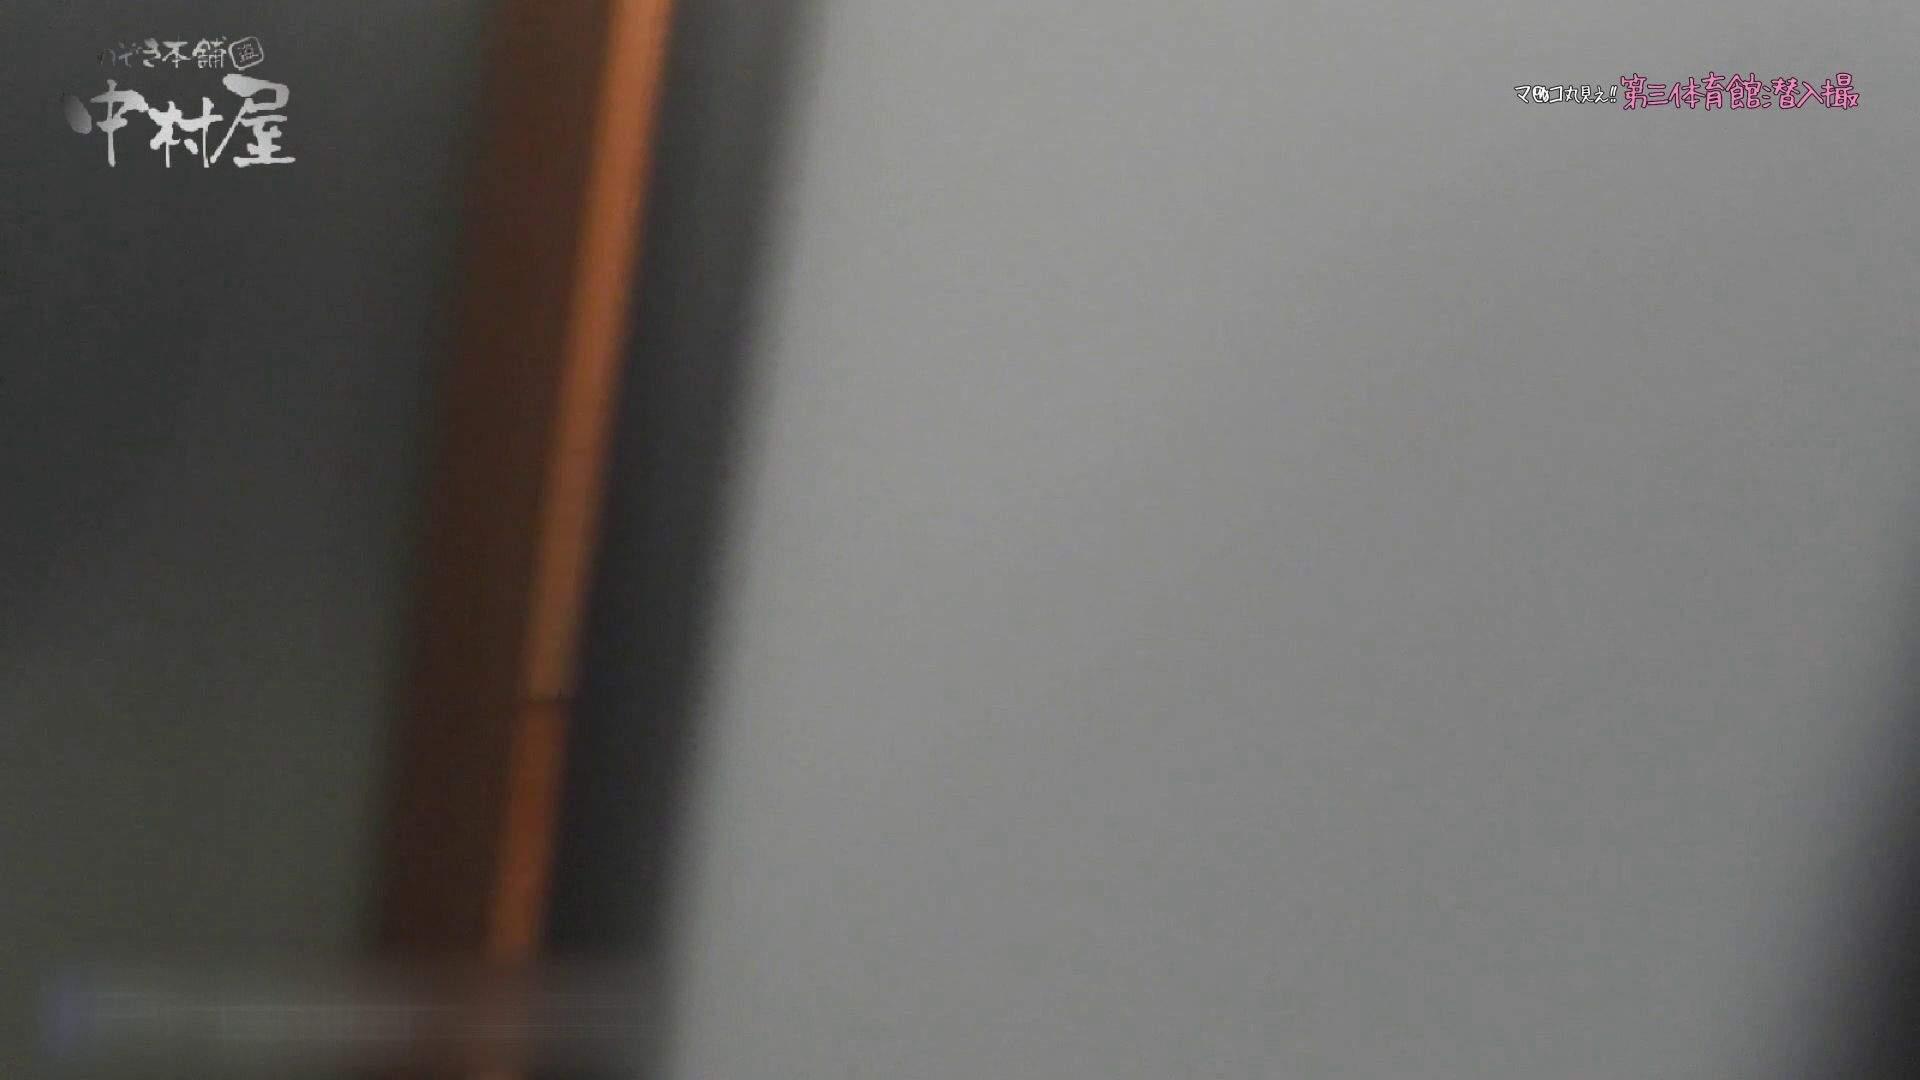 第三体育館File044長身のバレー部員が目の前の個室に入ってくれました。後編 無修正マンコ 濡れ場動画紹介 64PIX 64